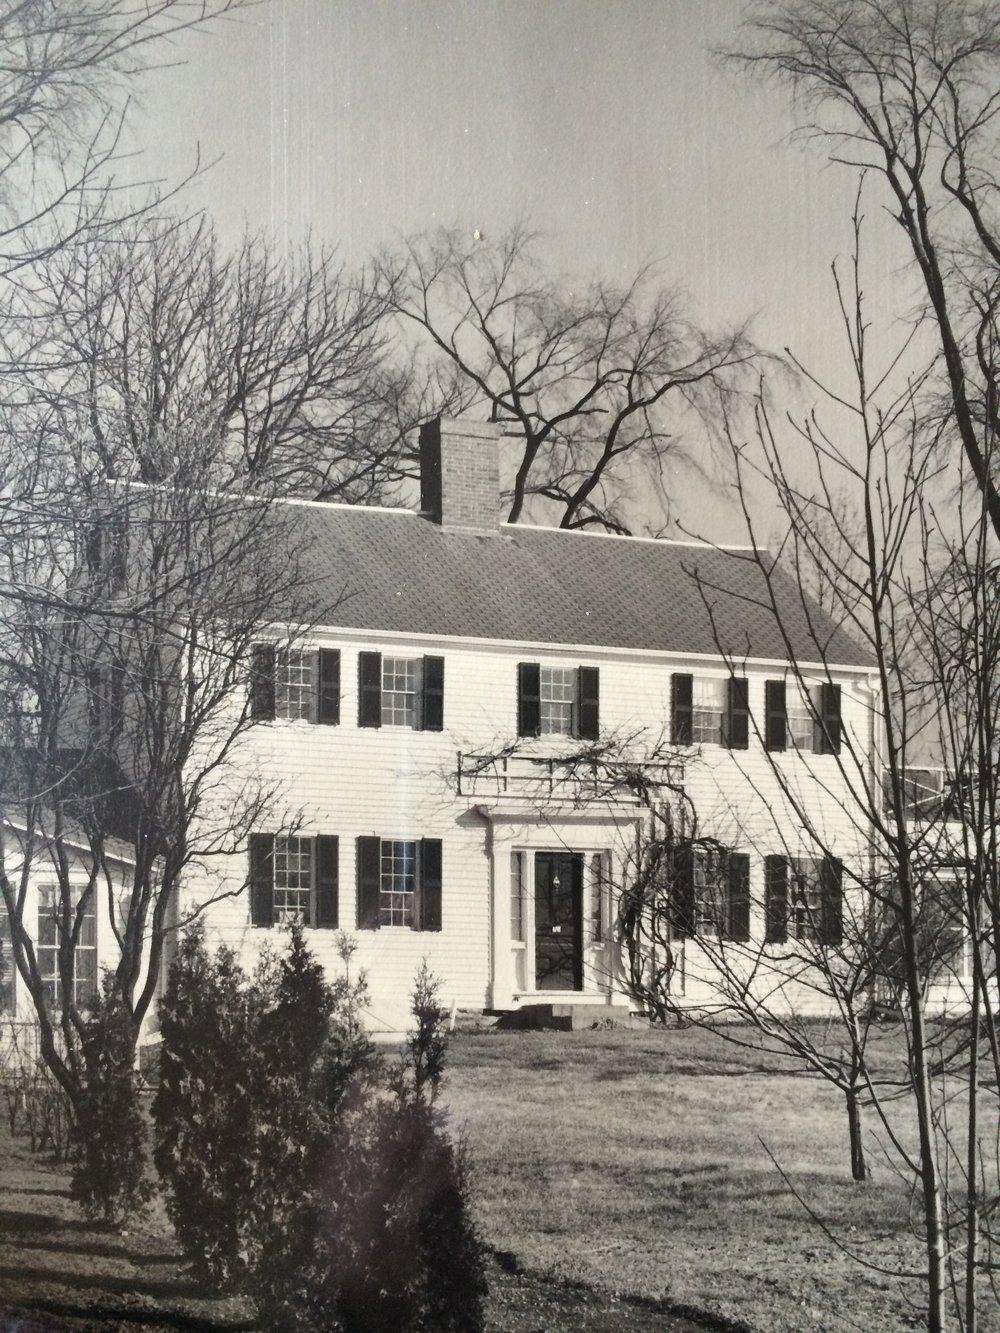 Bray c. 1955